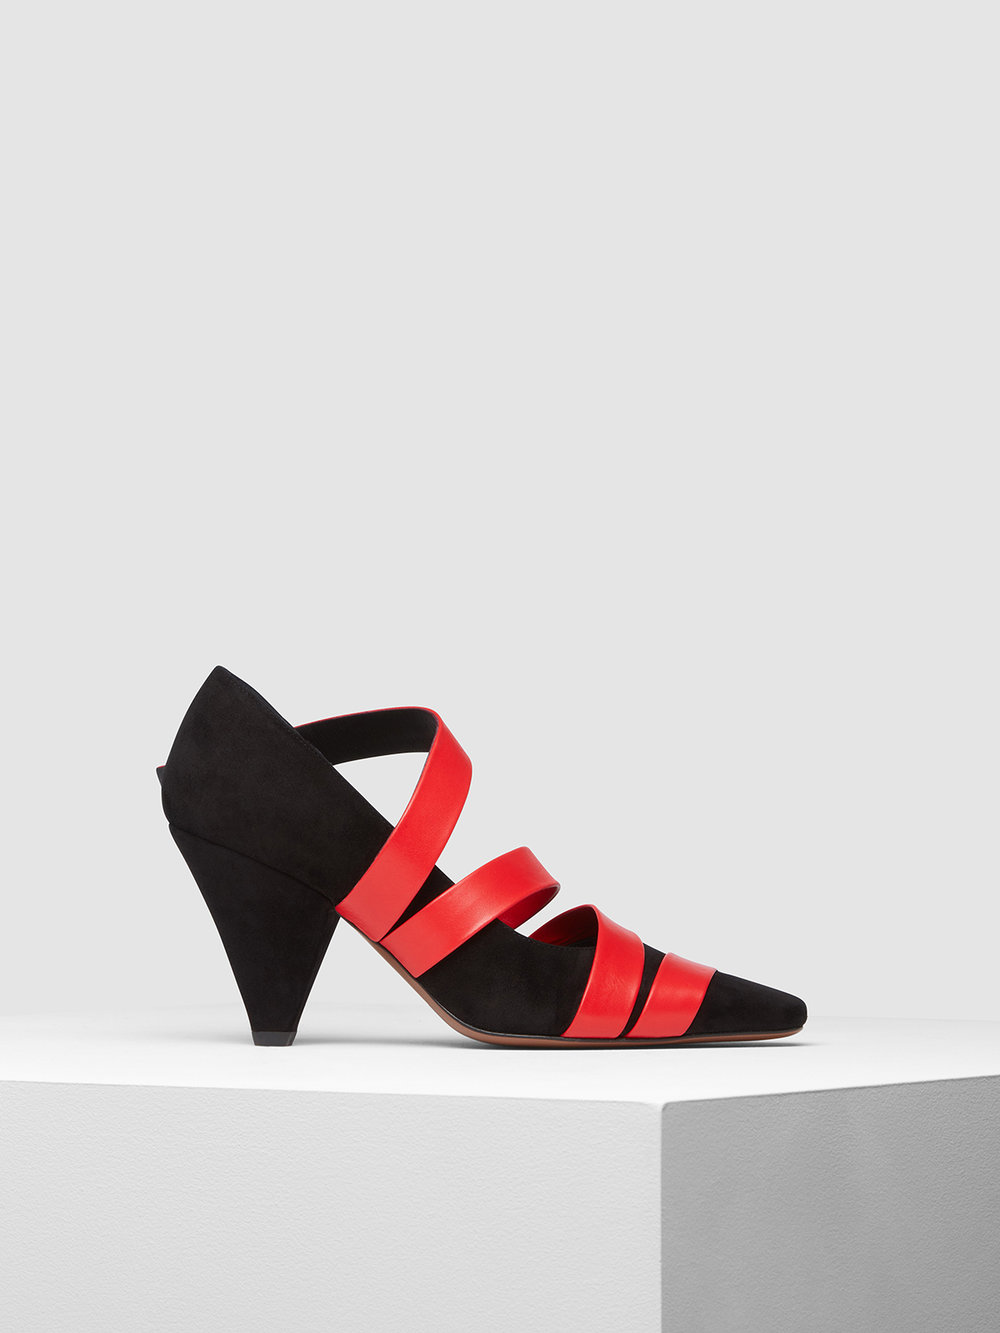 Bakeria red black side.jpg